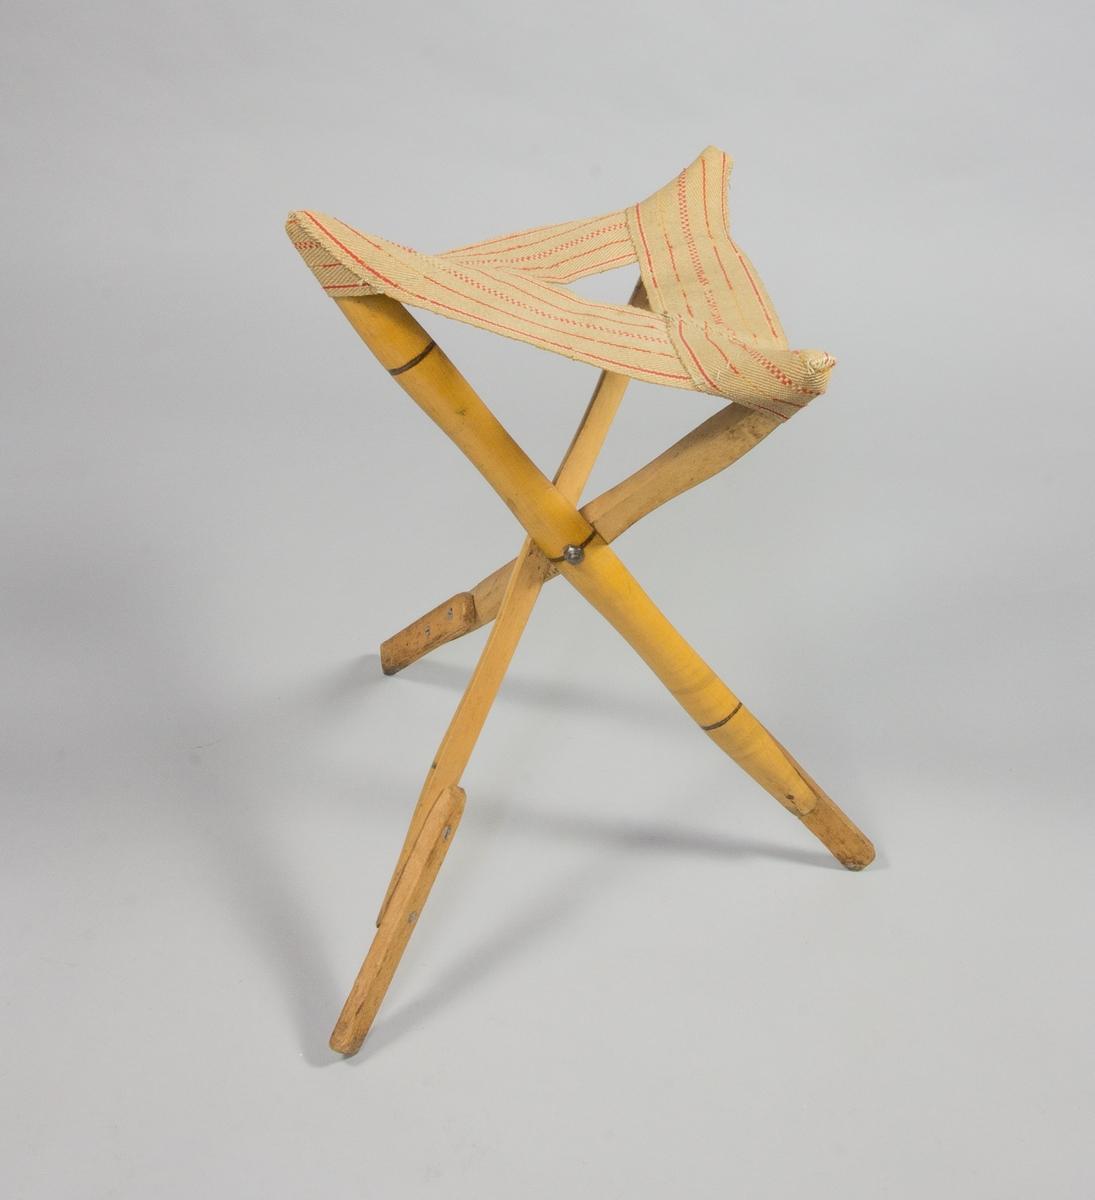 Trebent stol, pall. Hoppfällbar. Ben av bambu, nedtill förstärkta med trä. Trekantig sits av naturfärgad sadelgjord med röda ränder.